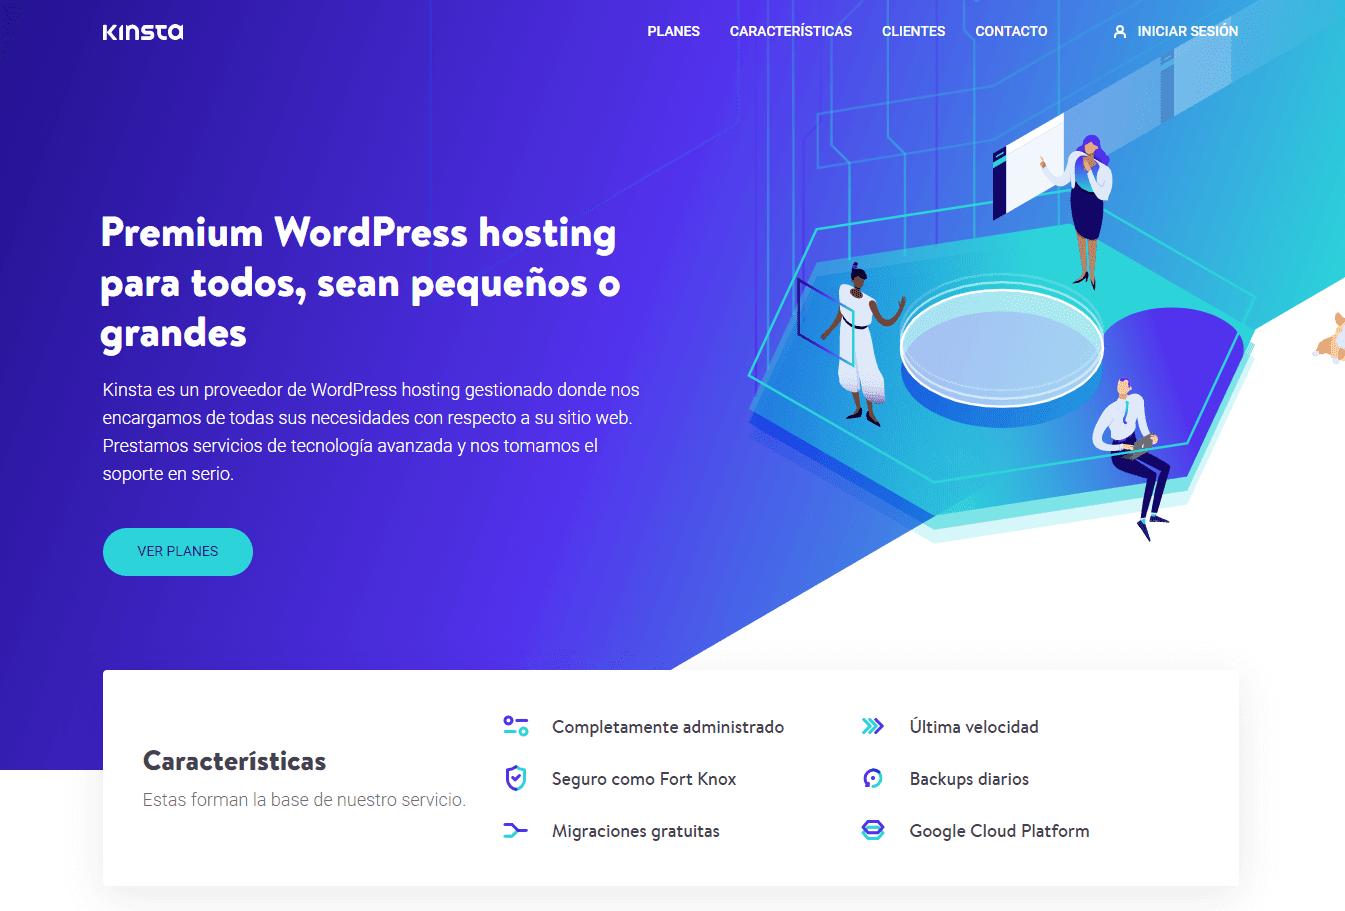 La página principal de Kinsta en español